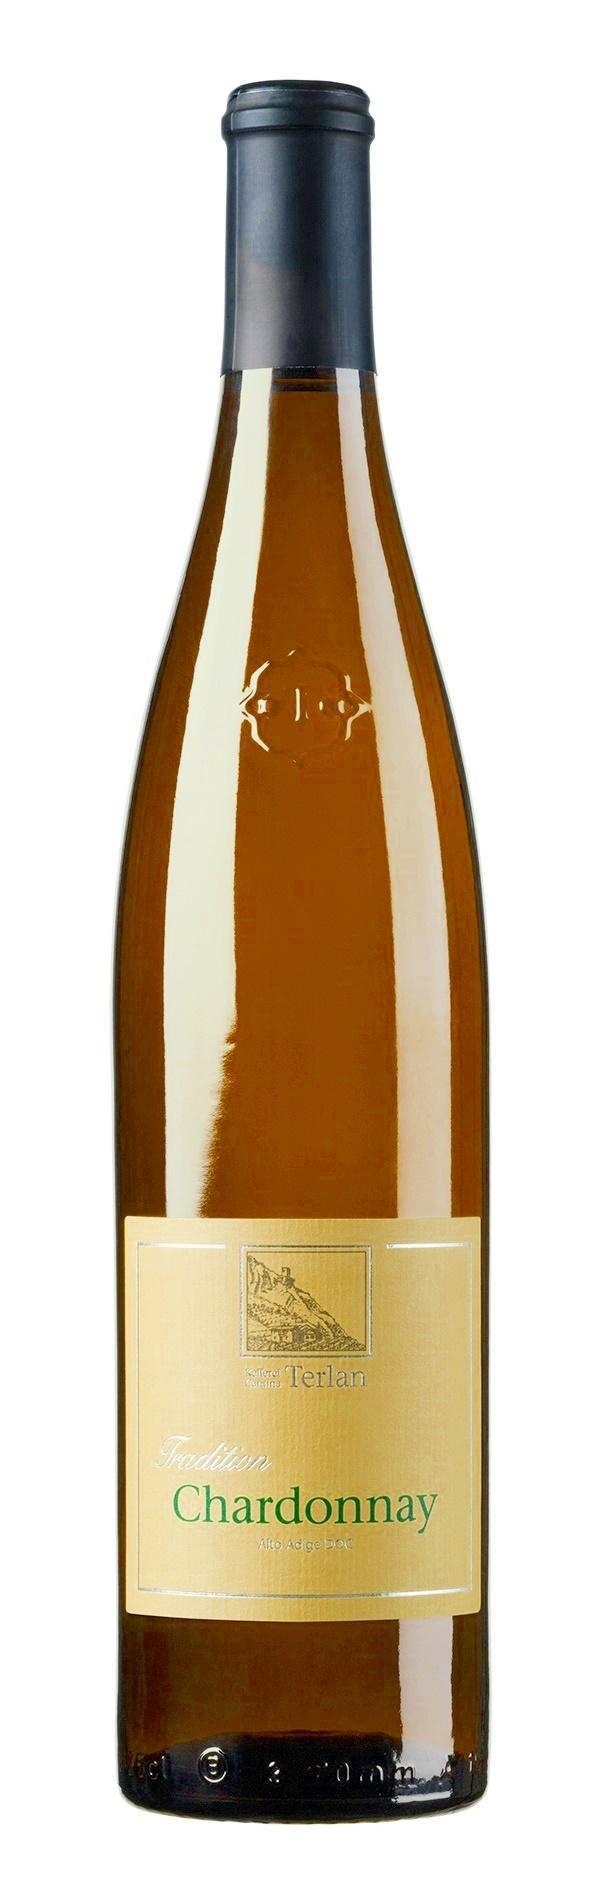 Terlan, Cantina - Südtirol 2020 Chardonnay Alto Adige DOP, Cantina Terlan